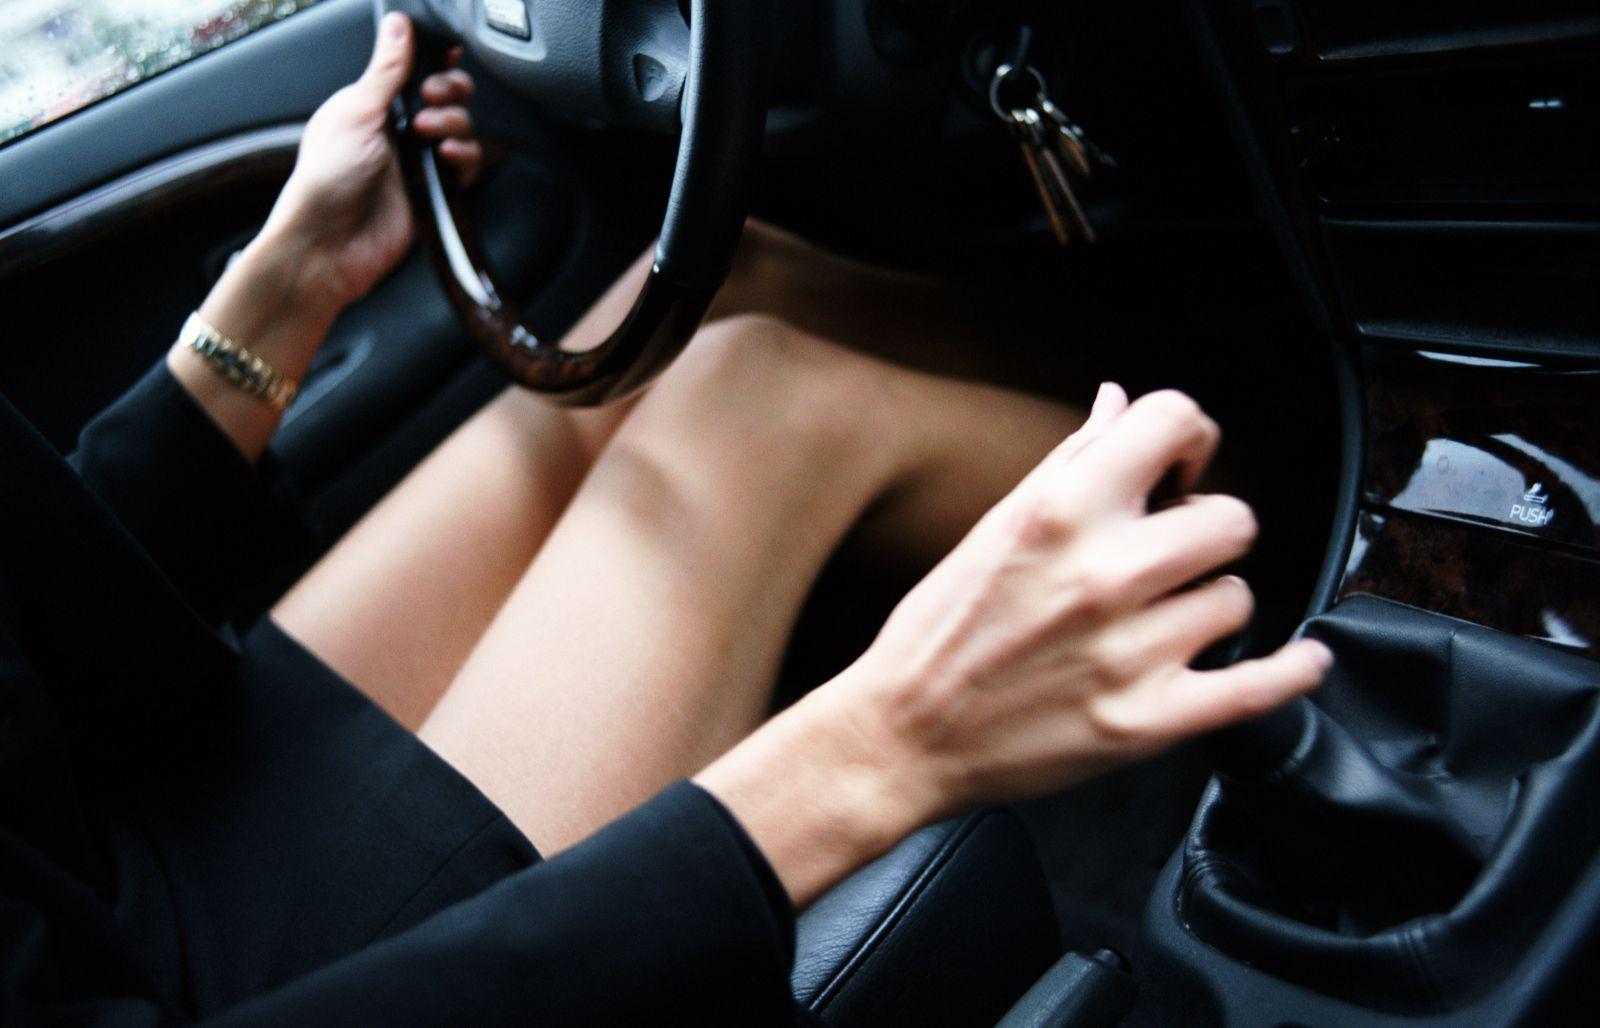 運転中の女の美脚太ももエロ画像18枚!ミニスカ美脚に目がいって会話どころじゃなくなりそうwww